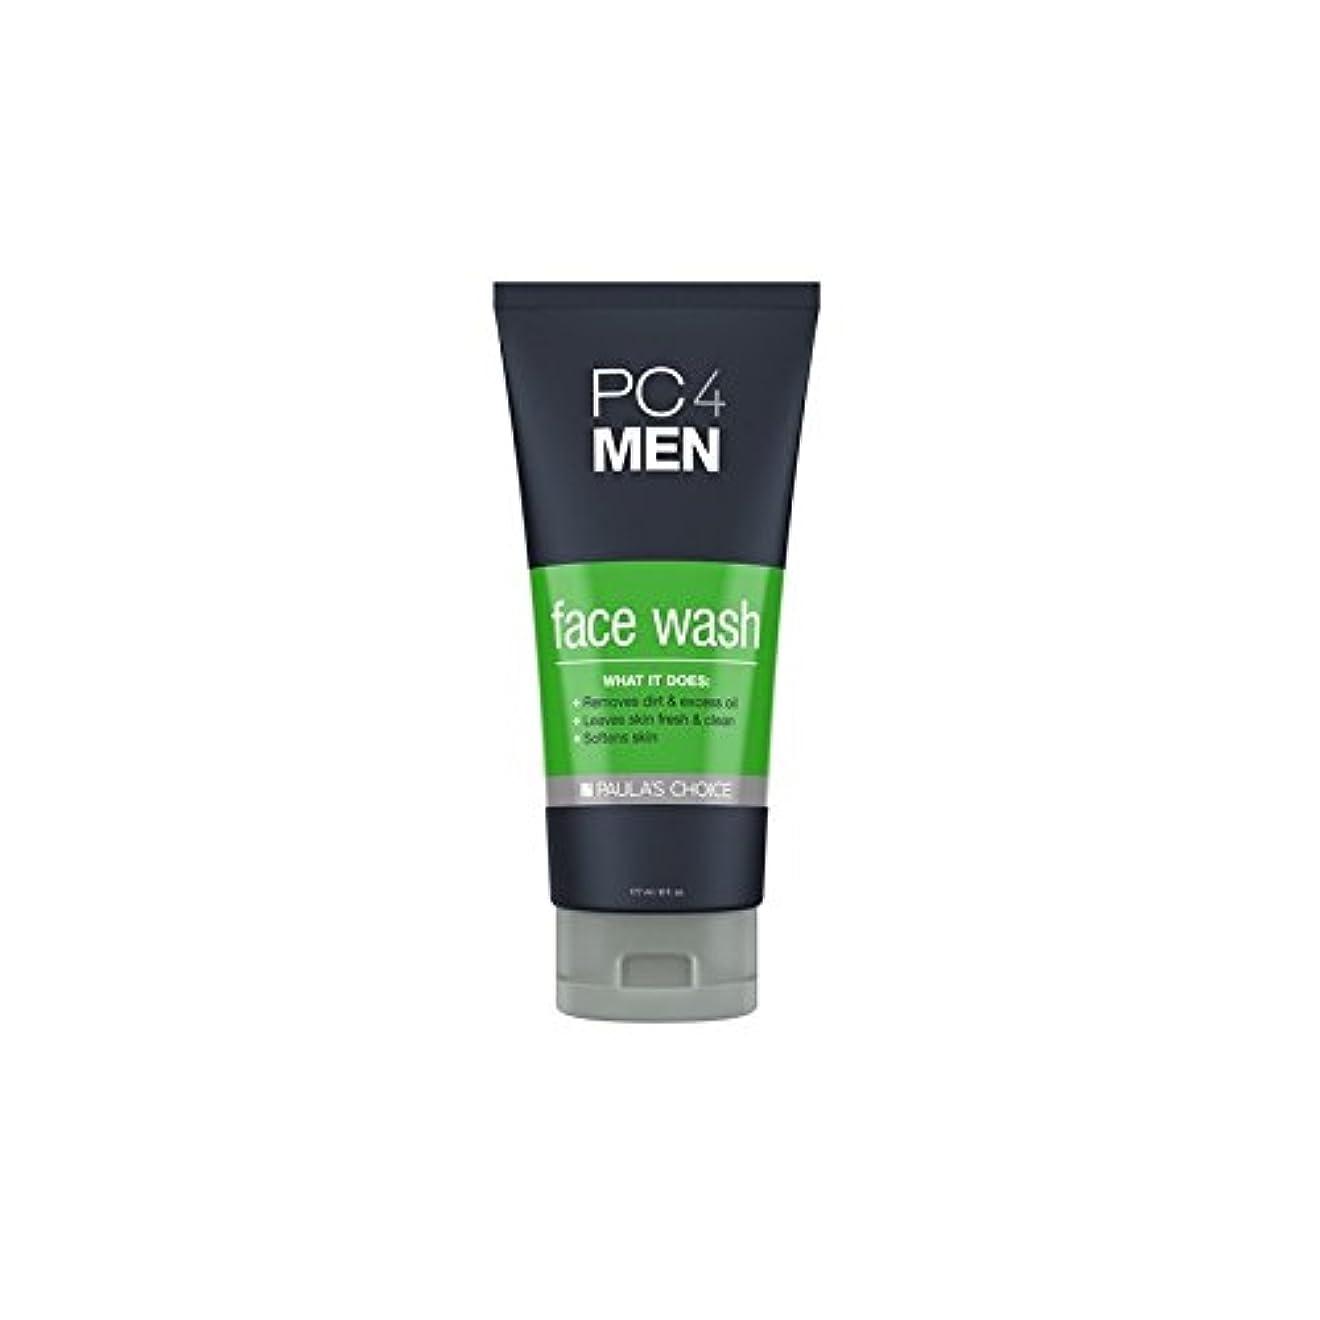 落ち着いた連邦玉ねぎPaula's Choice Pc4Men Face Wash (177ml) (Pack of 6) - ポーラチョイス4の洗顔料(177ミリリットル) x6 [並行輸入品]